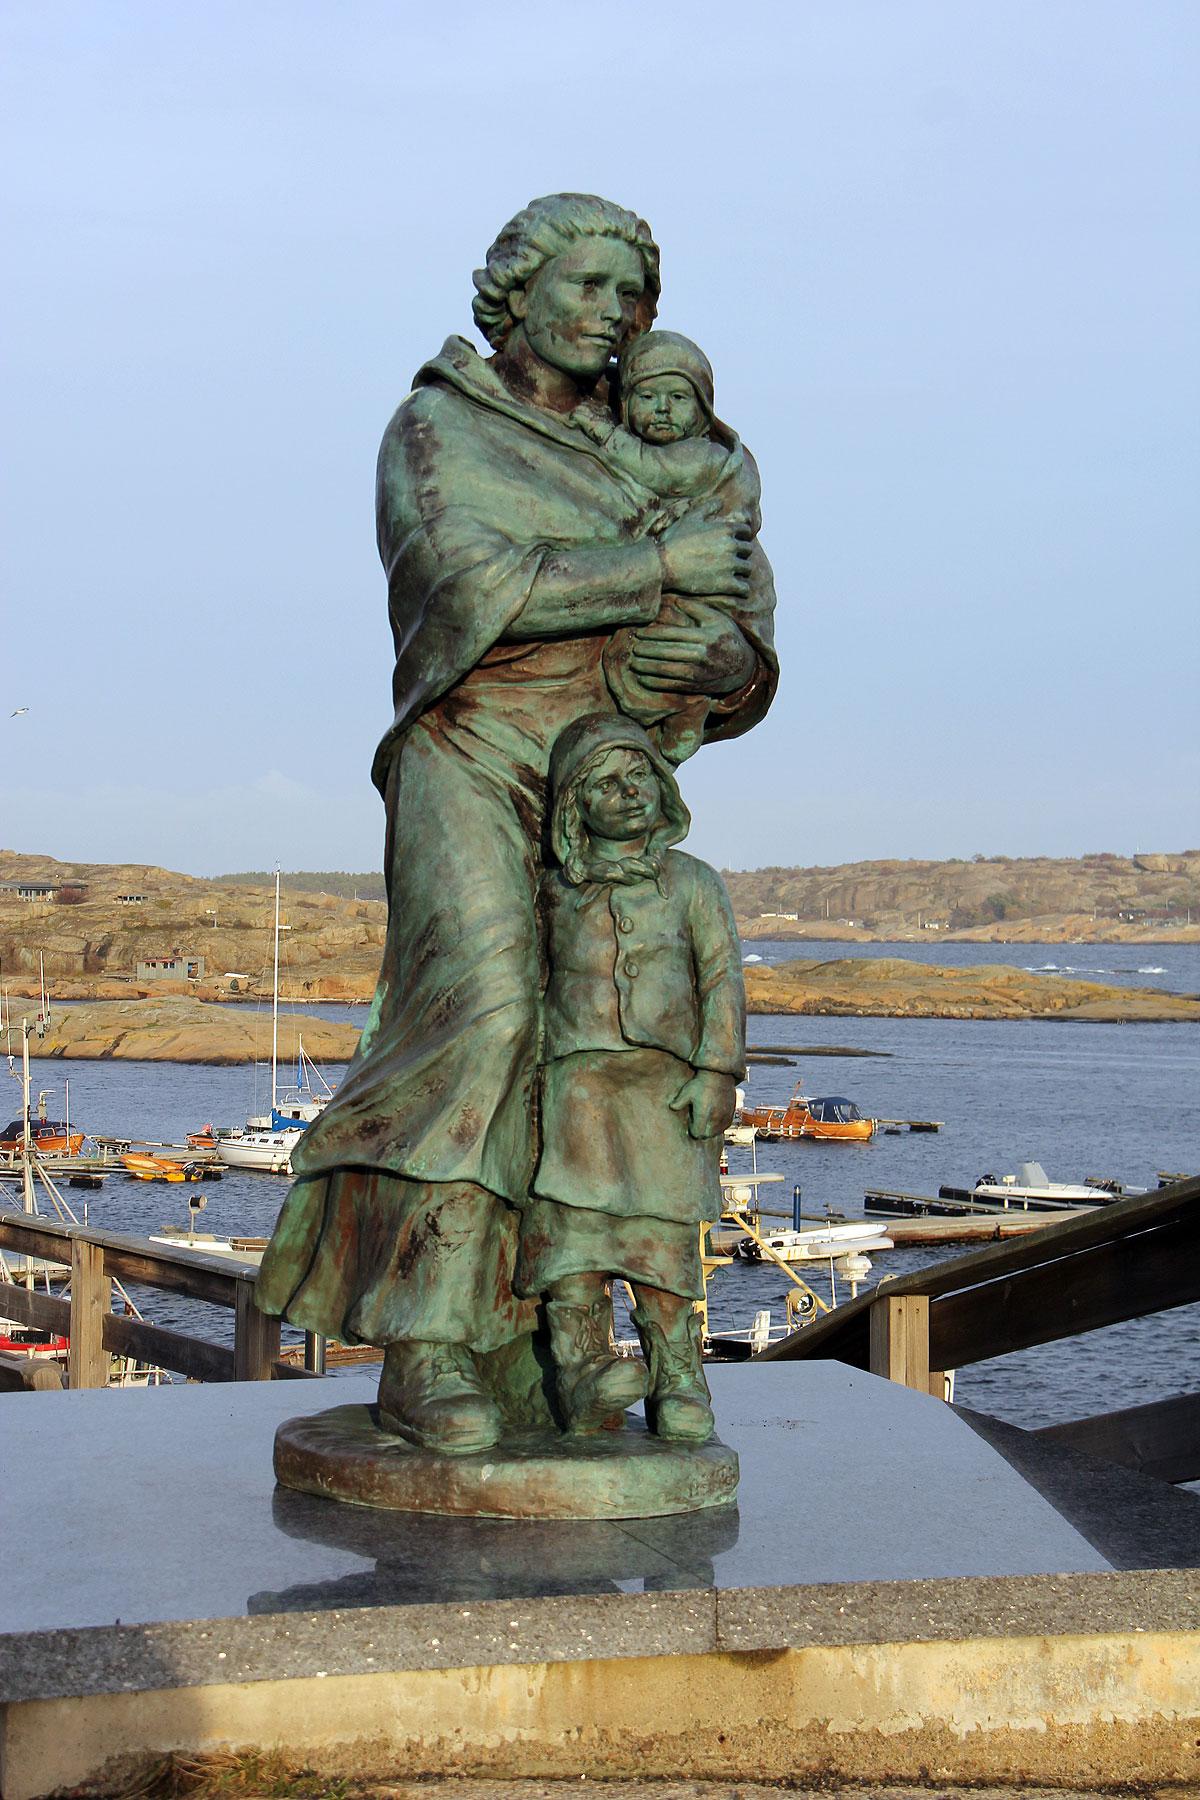 Historien fortæller at statuen blev rejst til minde om de mange familier som har familiemedlemmer som fisker og lever af havet. Statestikker fortæller, at i de små fiskesamfund langs havet manglede hver anden husstand altid et af de mandlige familiemedlemmer, som var omkommet på havet. Den historie kender vi også i Danmark i vores mange store eller små byer langs havet som omslutter Danmark på de fleste sider. Her står kvinden med børnene og spejder ud over havet i håbet om at se mandens/faderens fiskebåd dukke op i horisonten. En dejlig statue som fortæller sin egen historie.